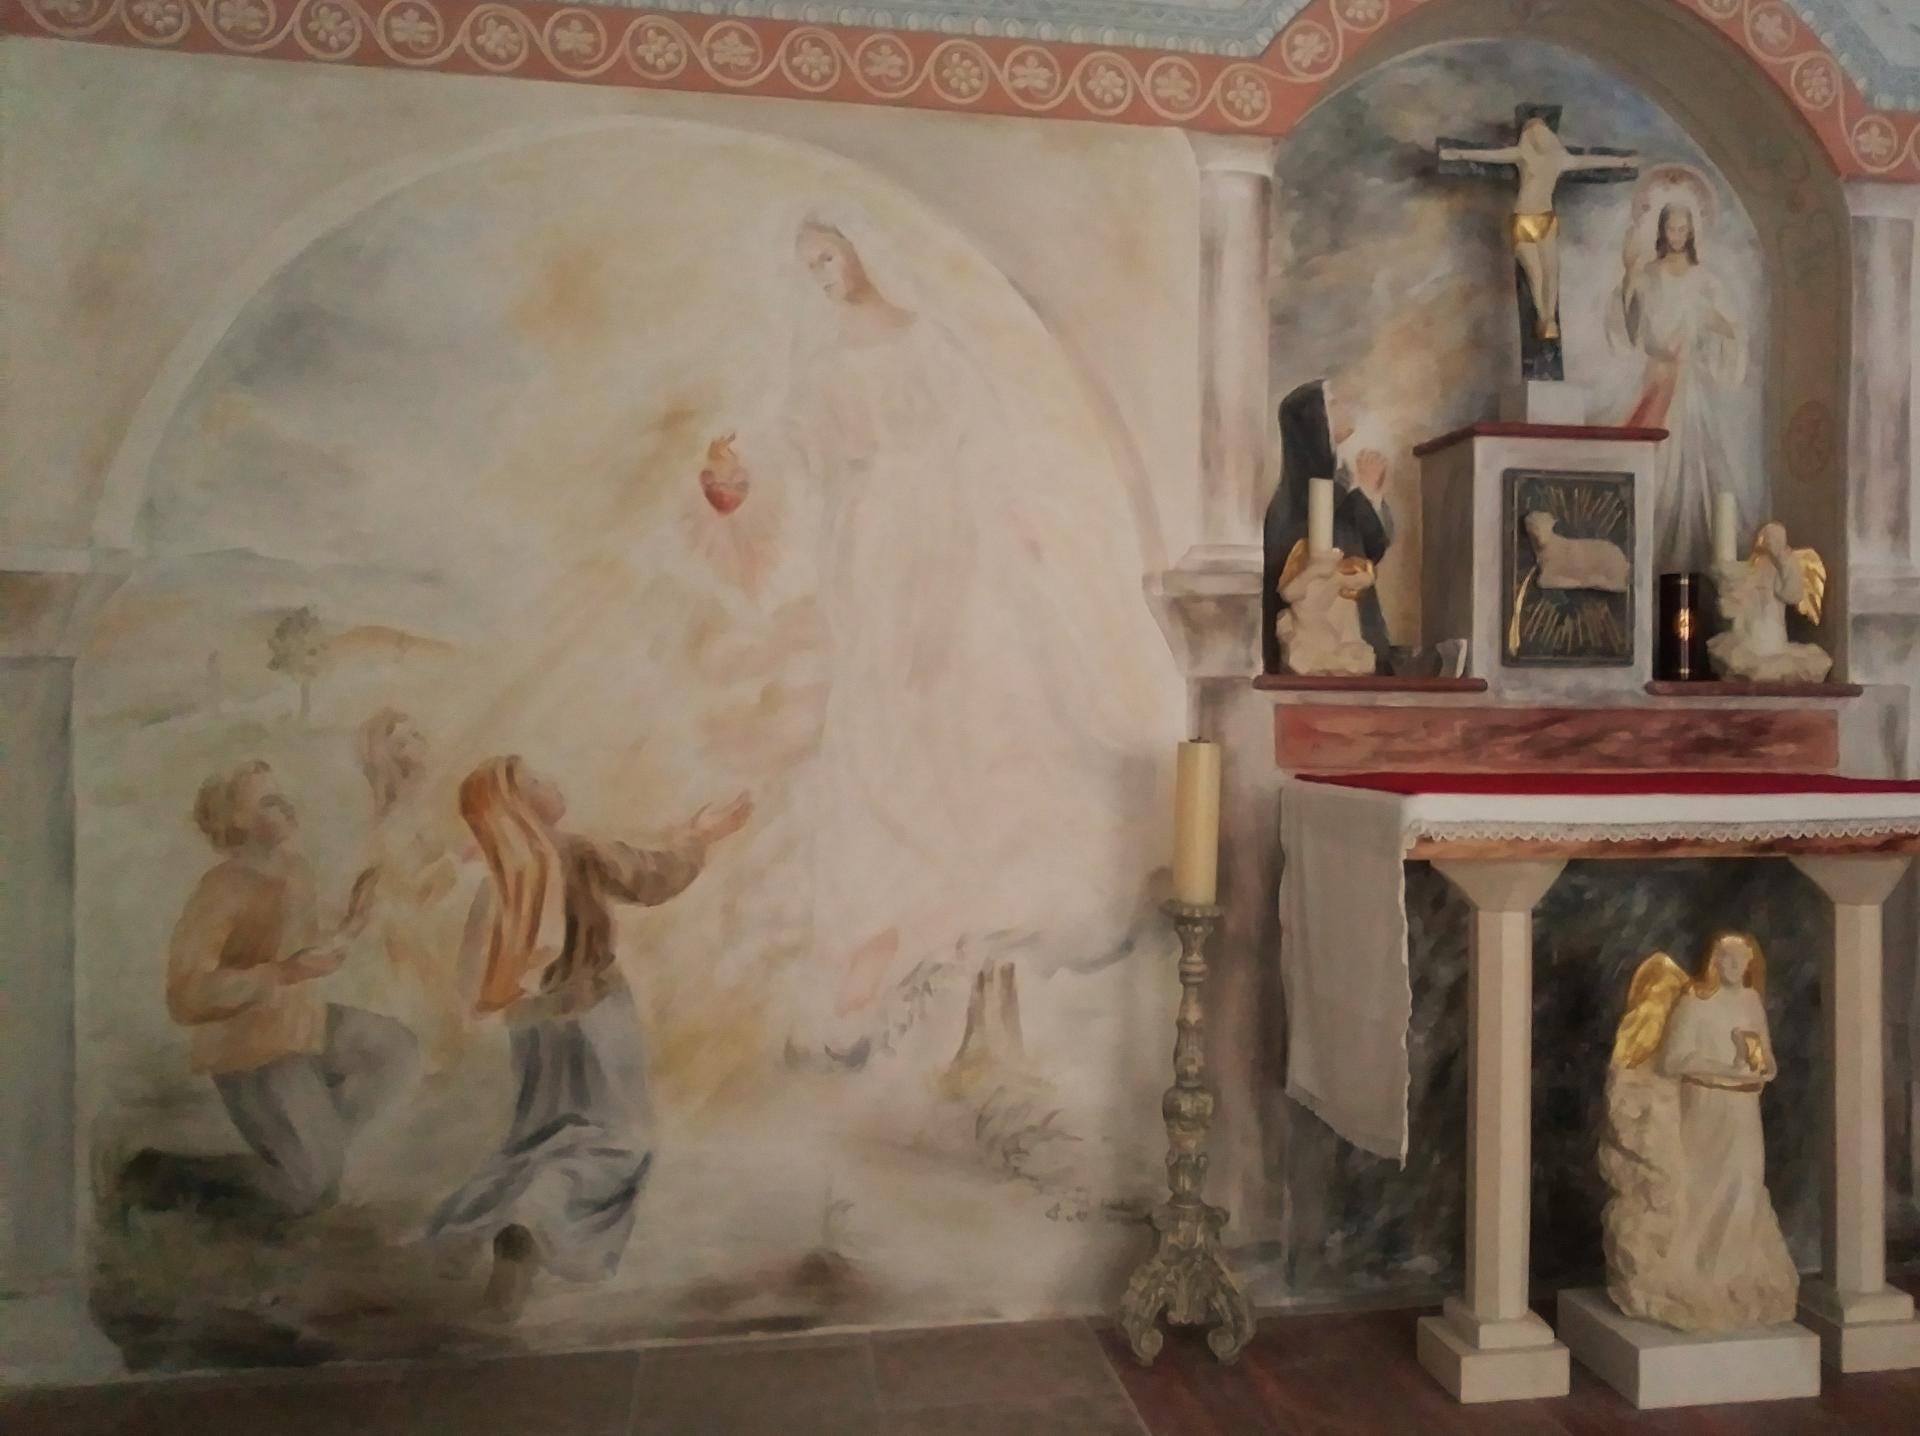 Chapelle de la misericorde fresque et mobilier liturgique 2